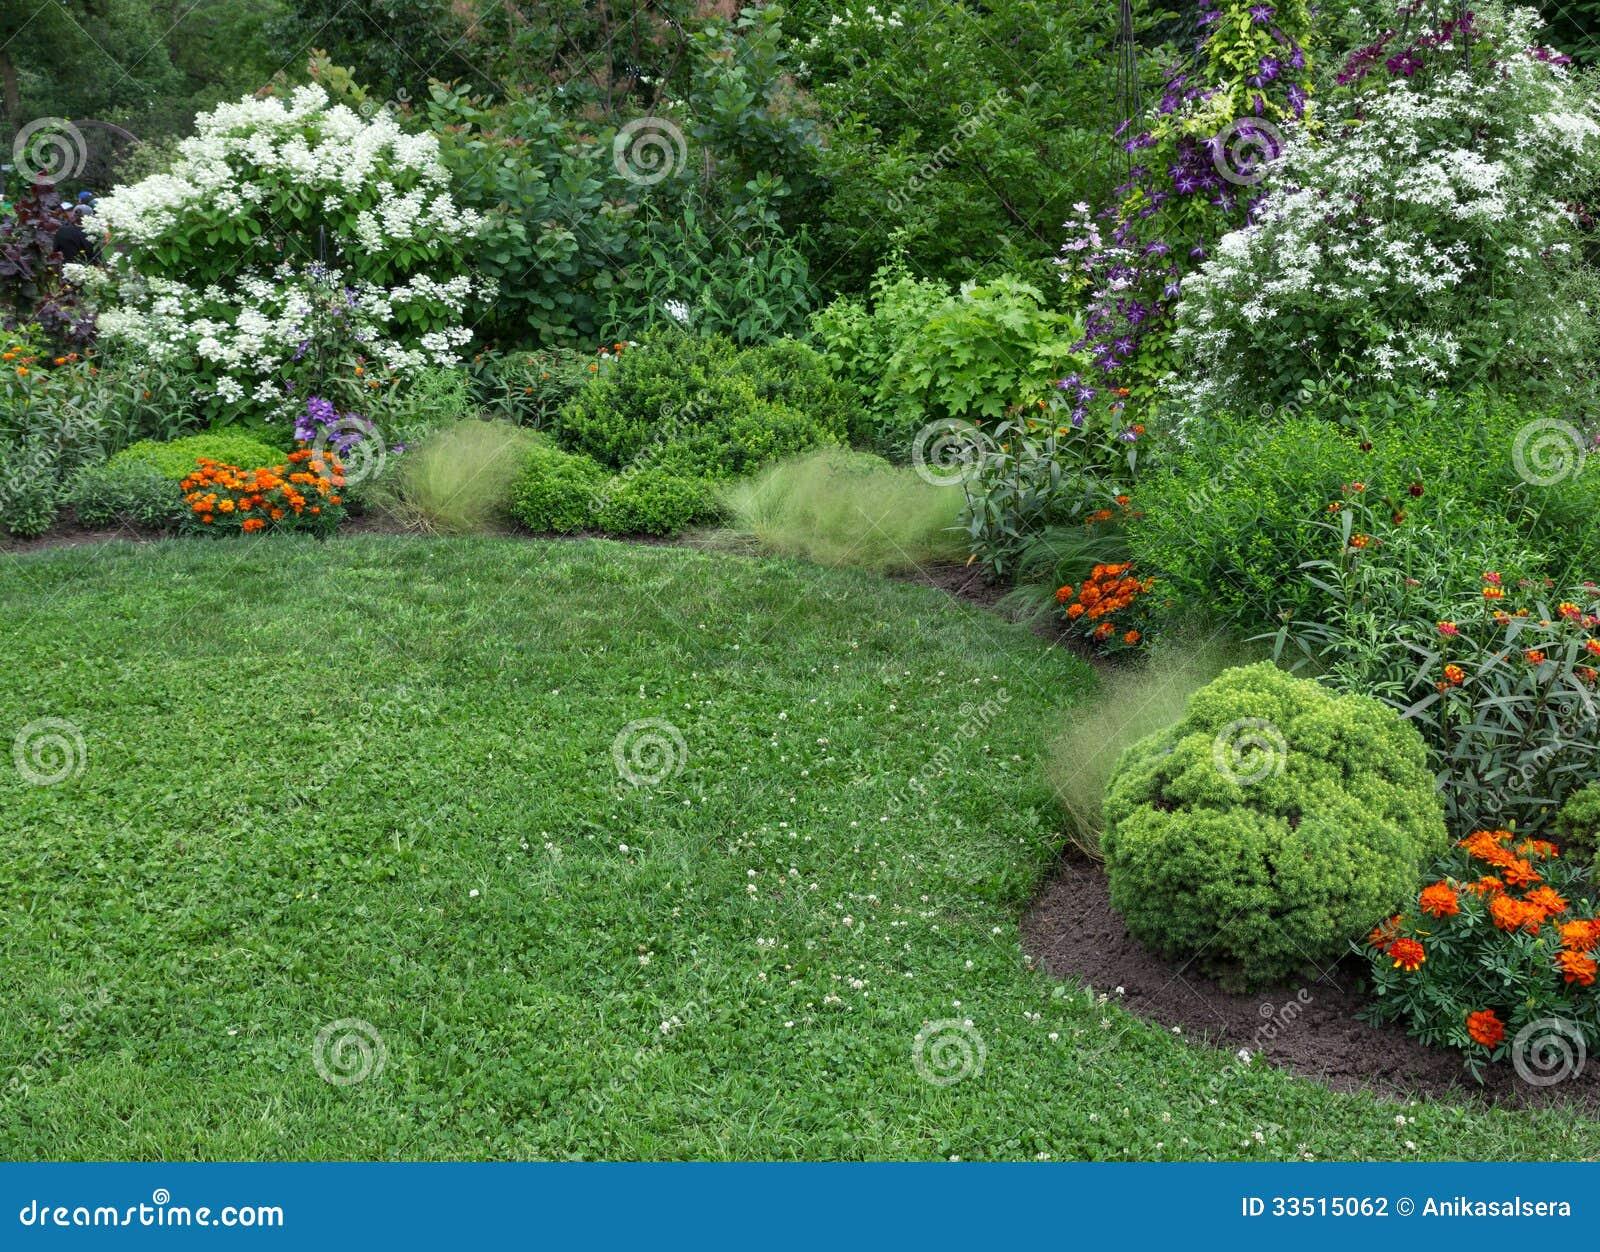 De zomertuin met groen gazon